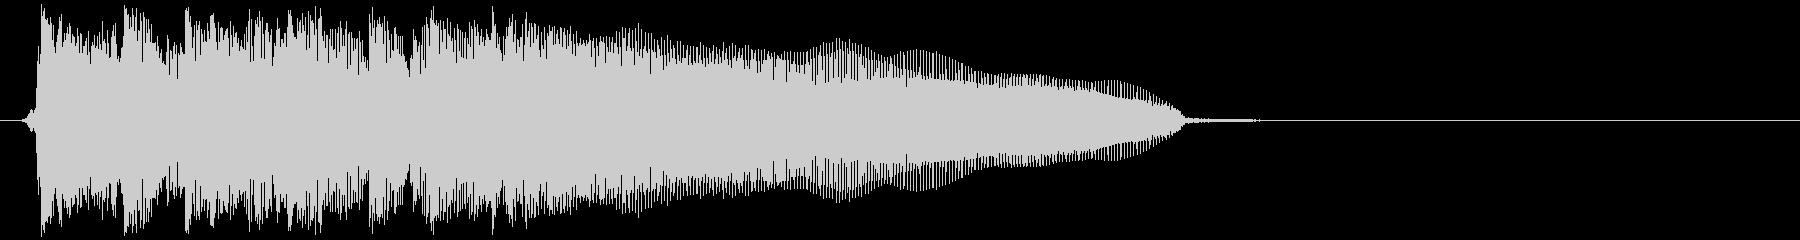 かっこいいバンドサウンドのアイキャッチの未再生の波形